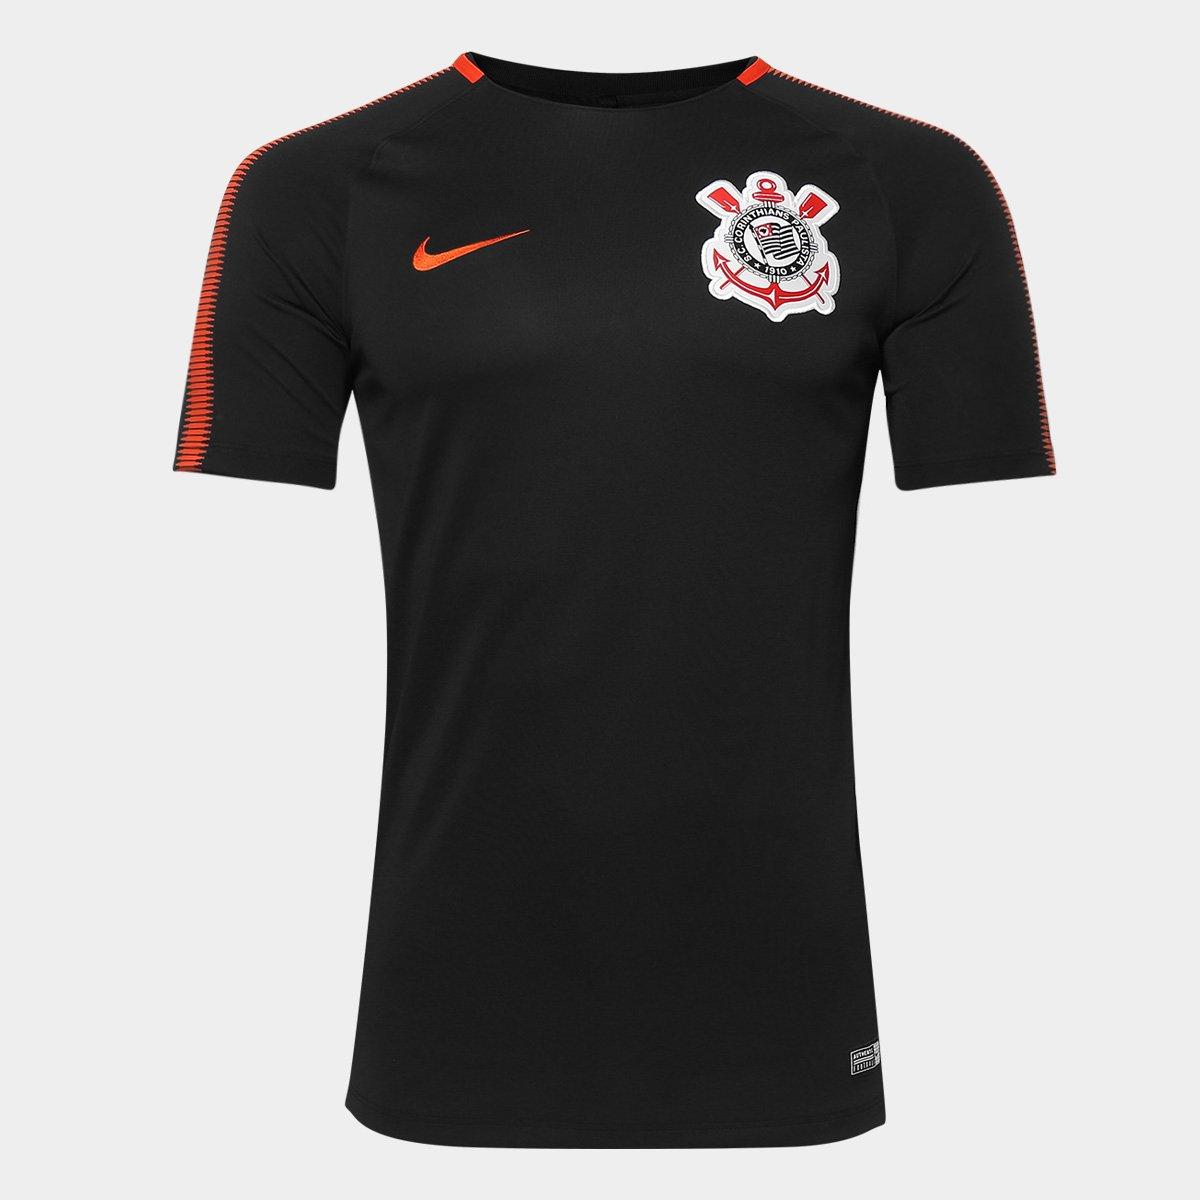 c543fcbc0 Camisa de Treino Corinthians 18 19 Nike Masculina - Compre Agora ...